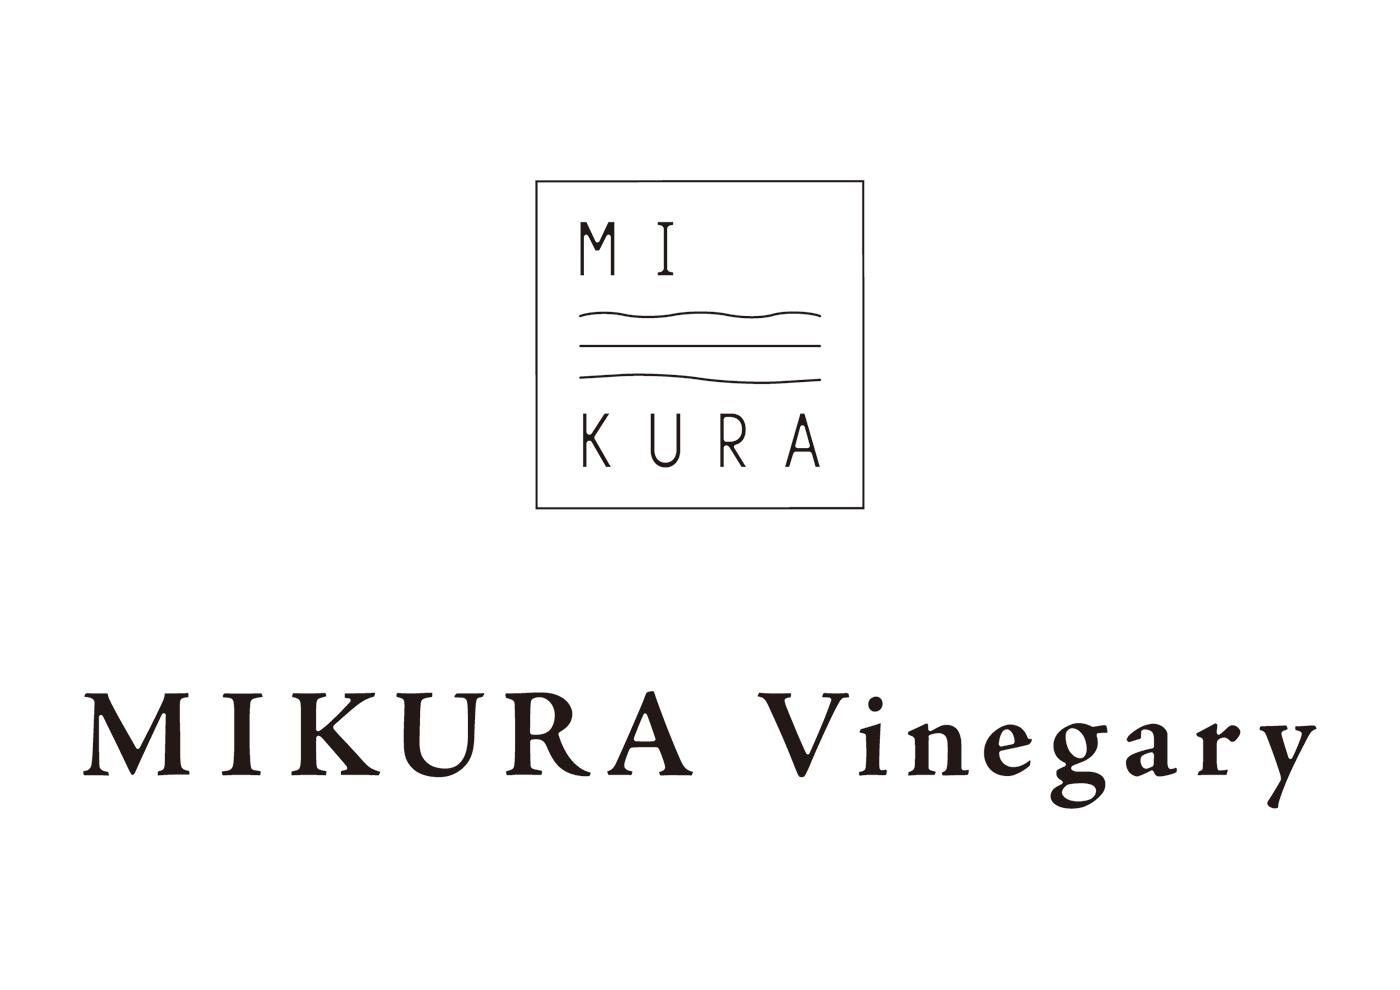 MIKURA Vinegary